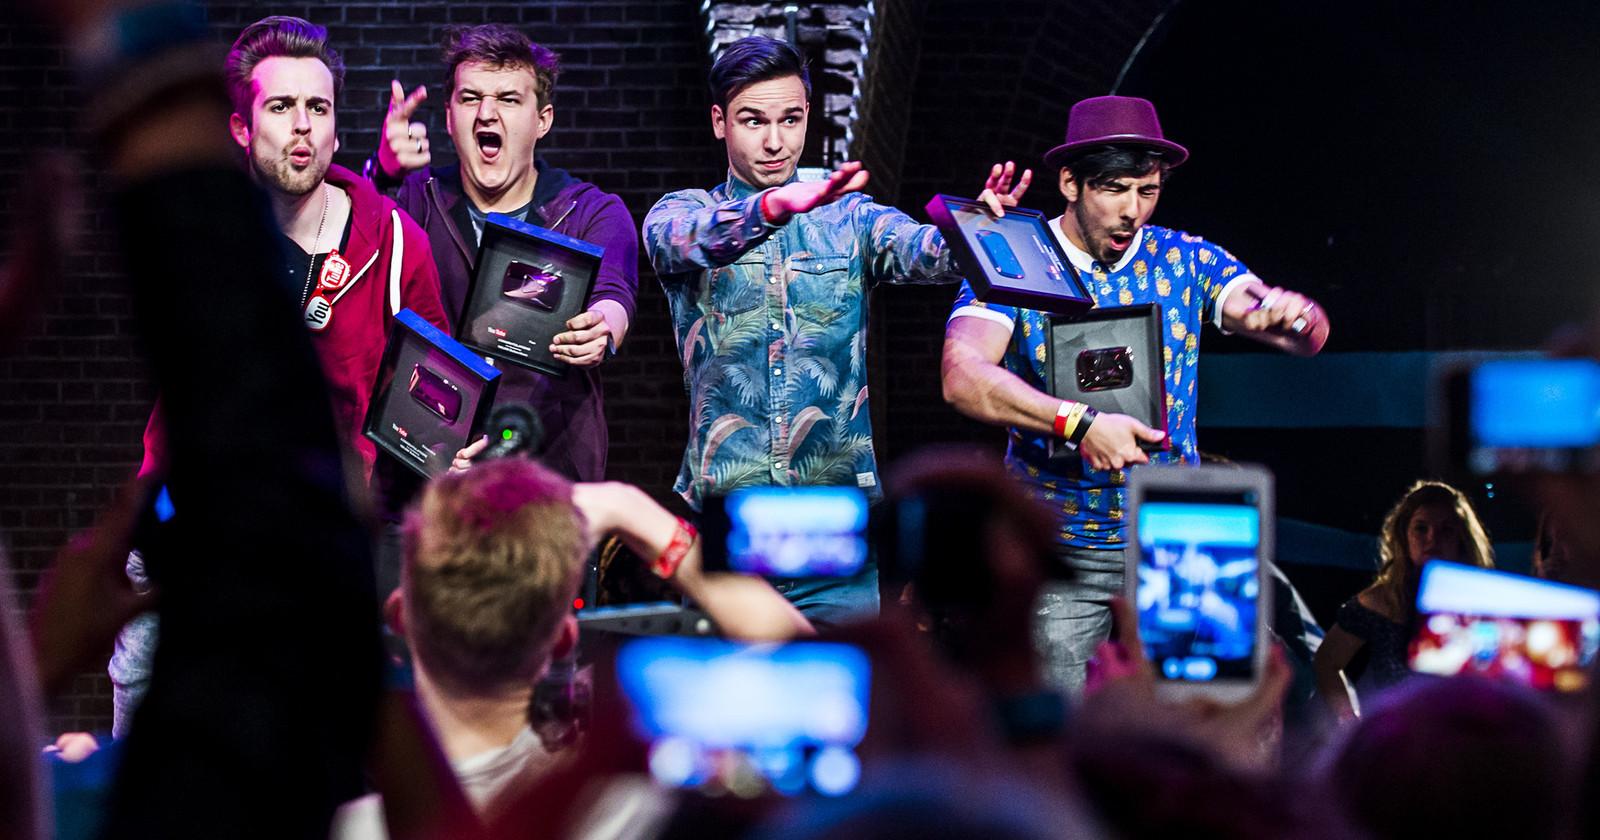 Populaire Youtubers nemen de Golden Playbutton in ontvangst tijdens het VEED festival